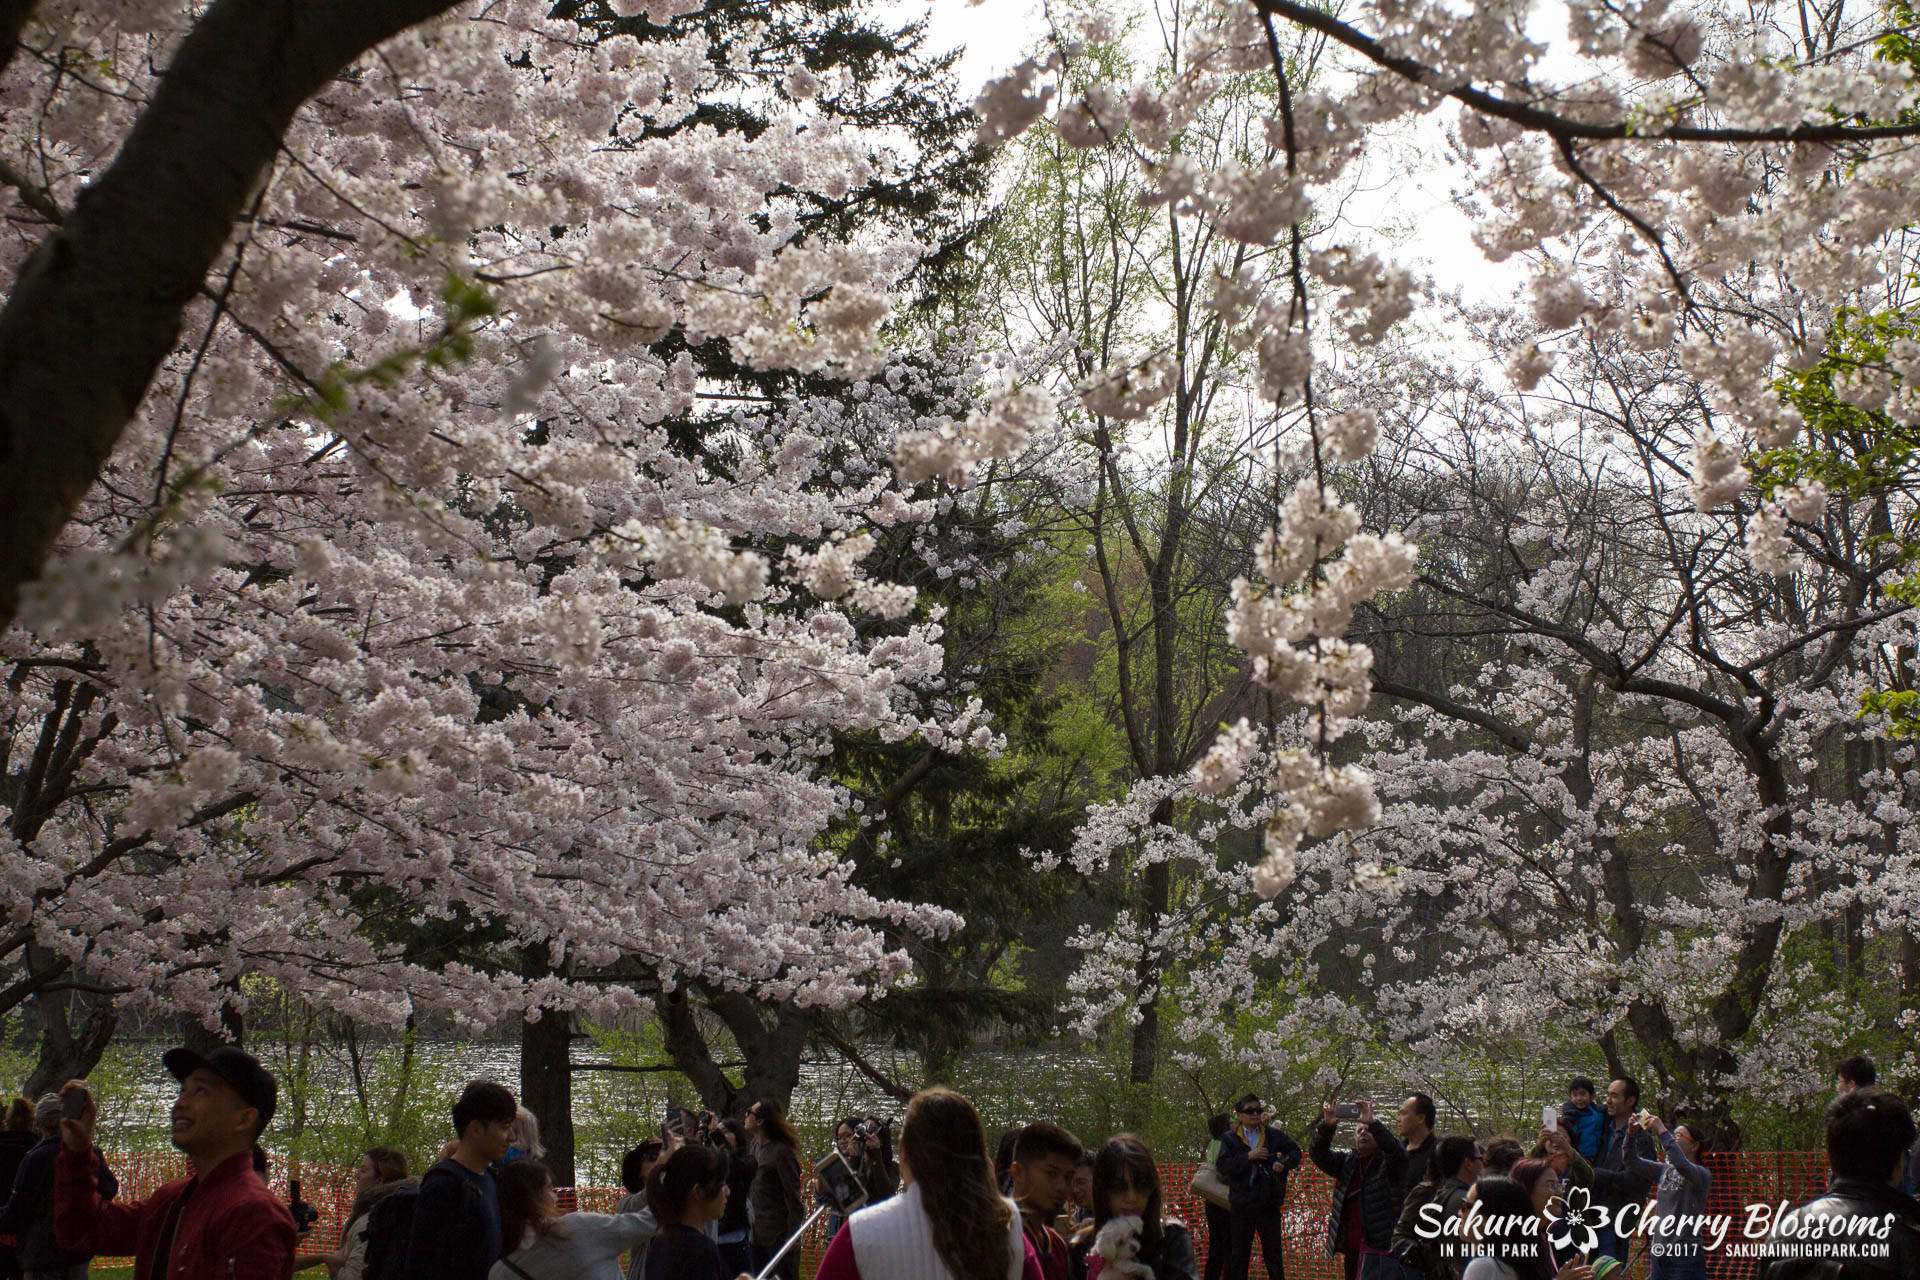 Sakura-Watch-April-28-2017-full-bloom-throughout-High-Park-5790.jpg